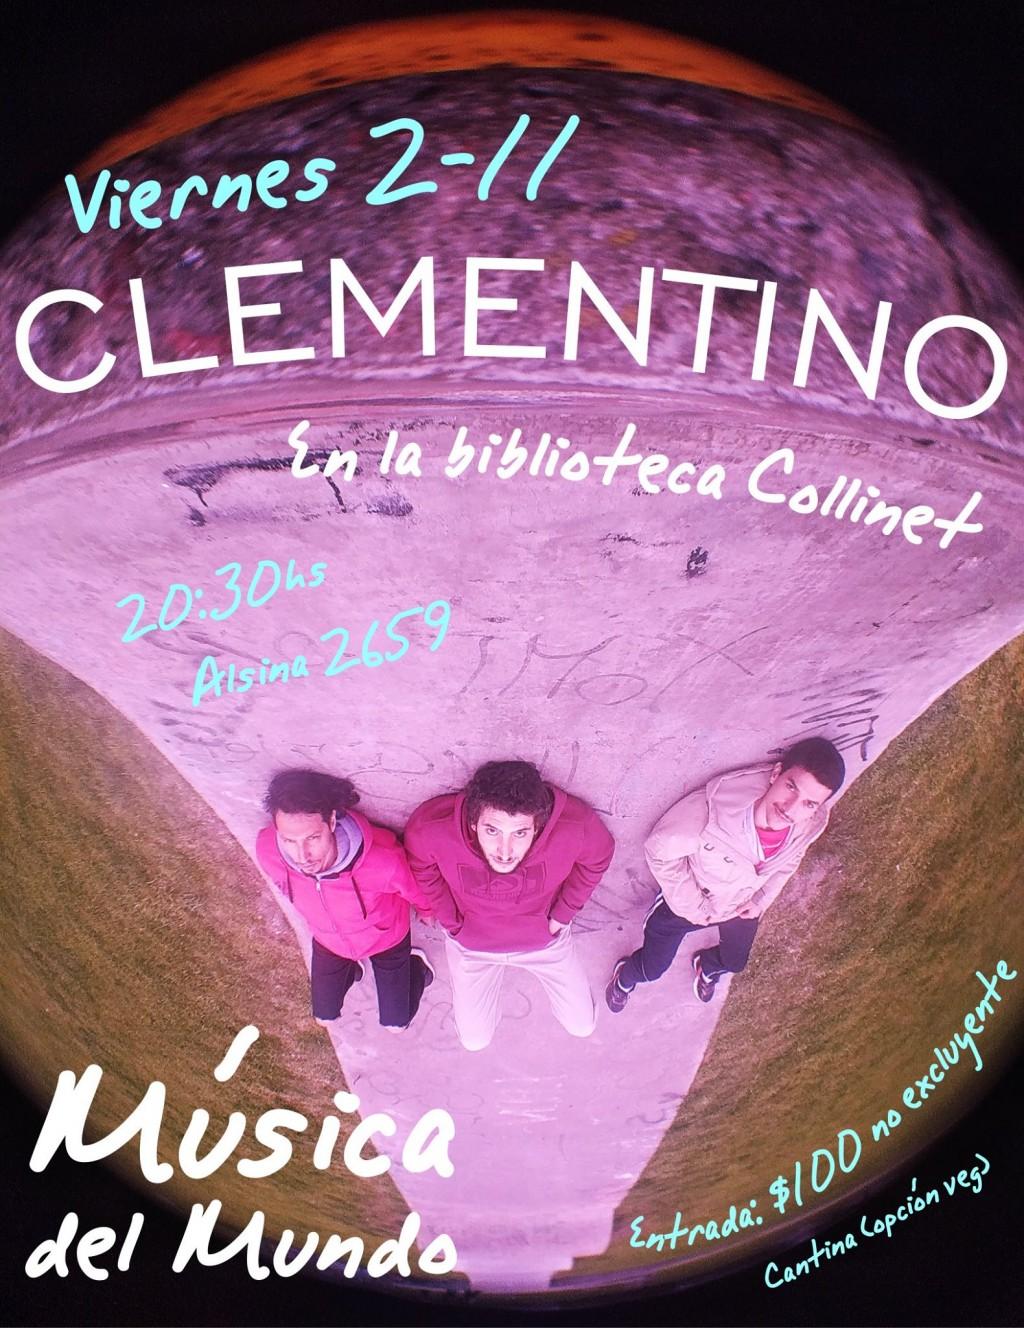 Música en la Biblioteca Popular Armando Collinet